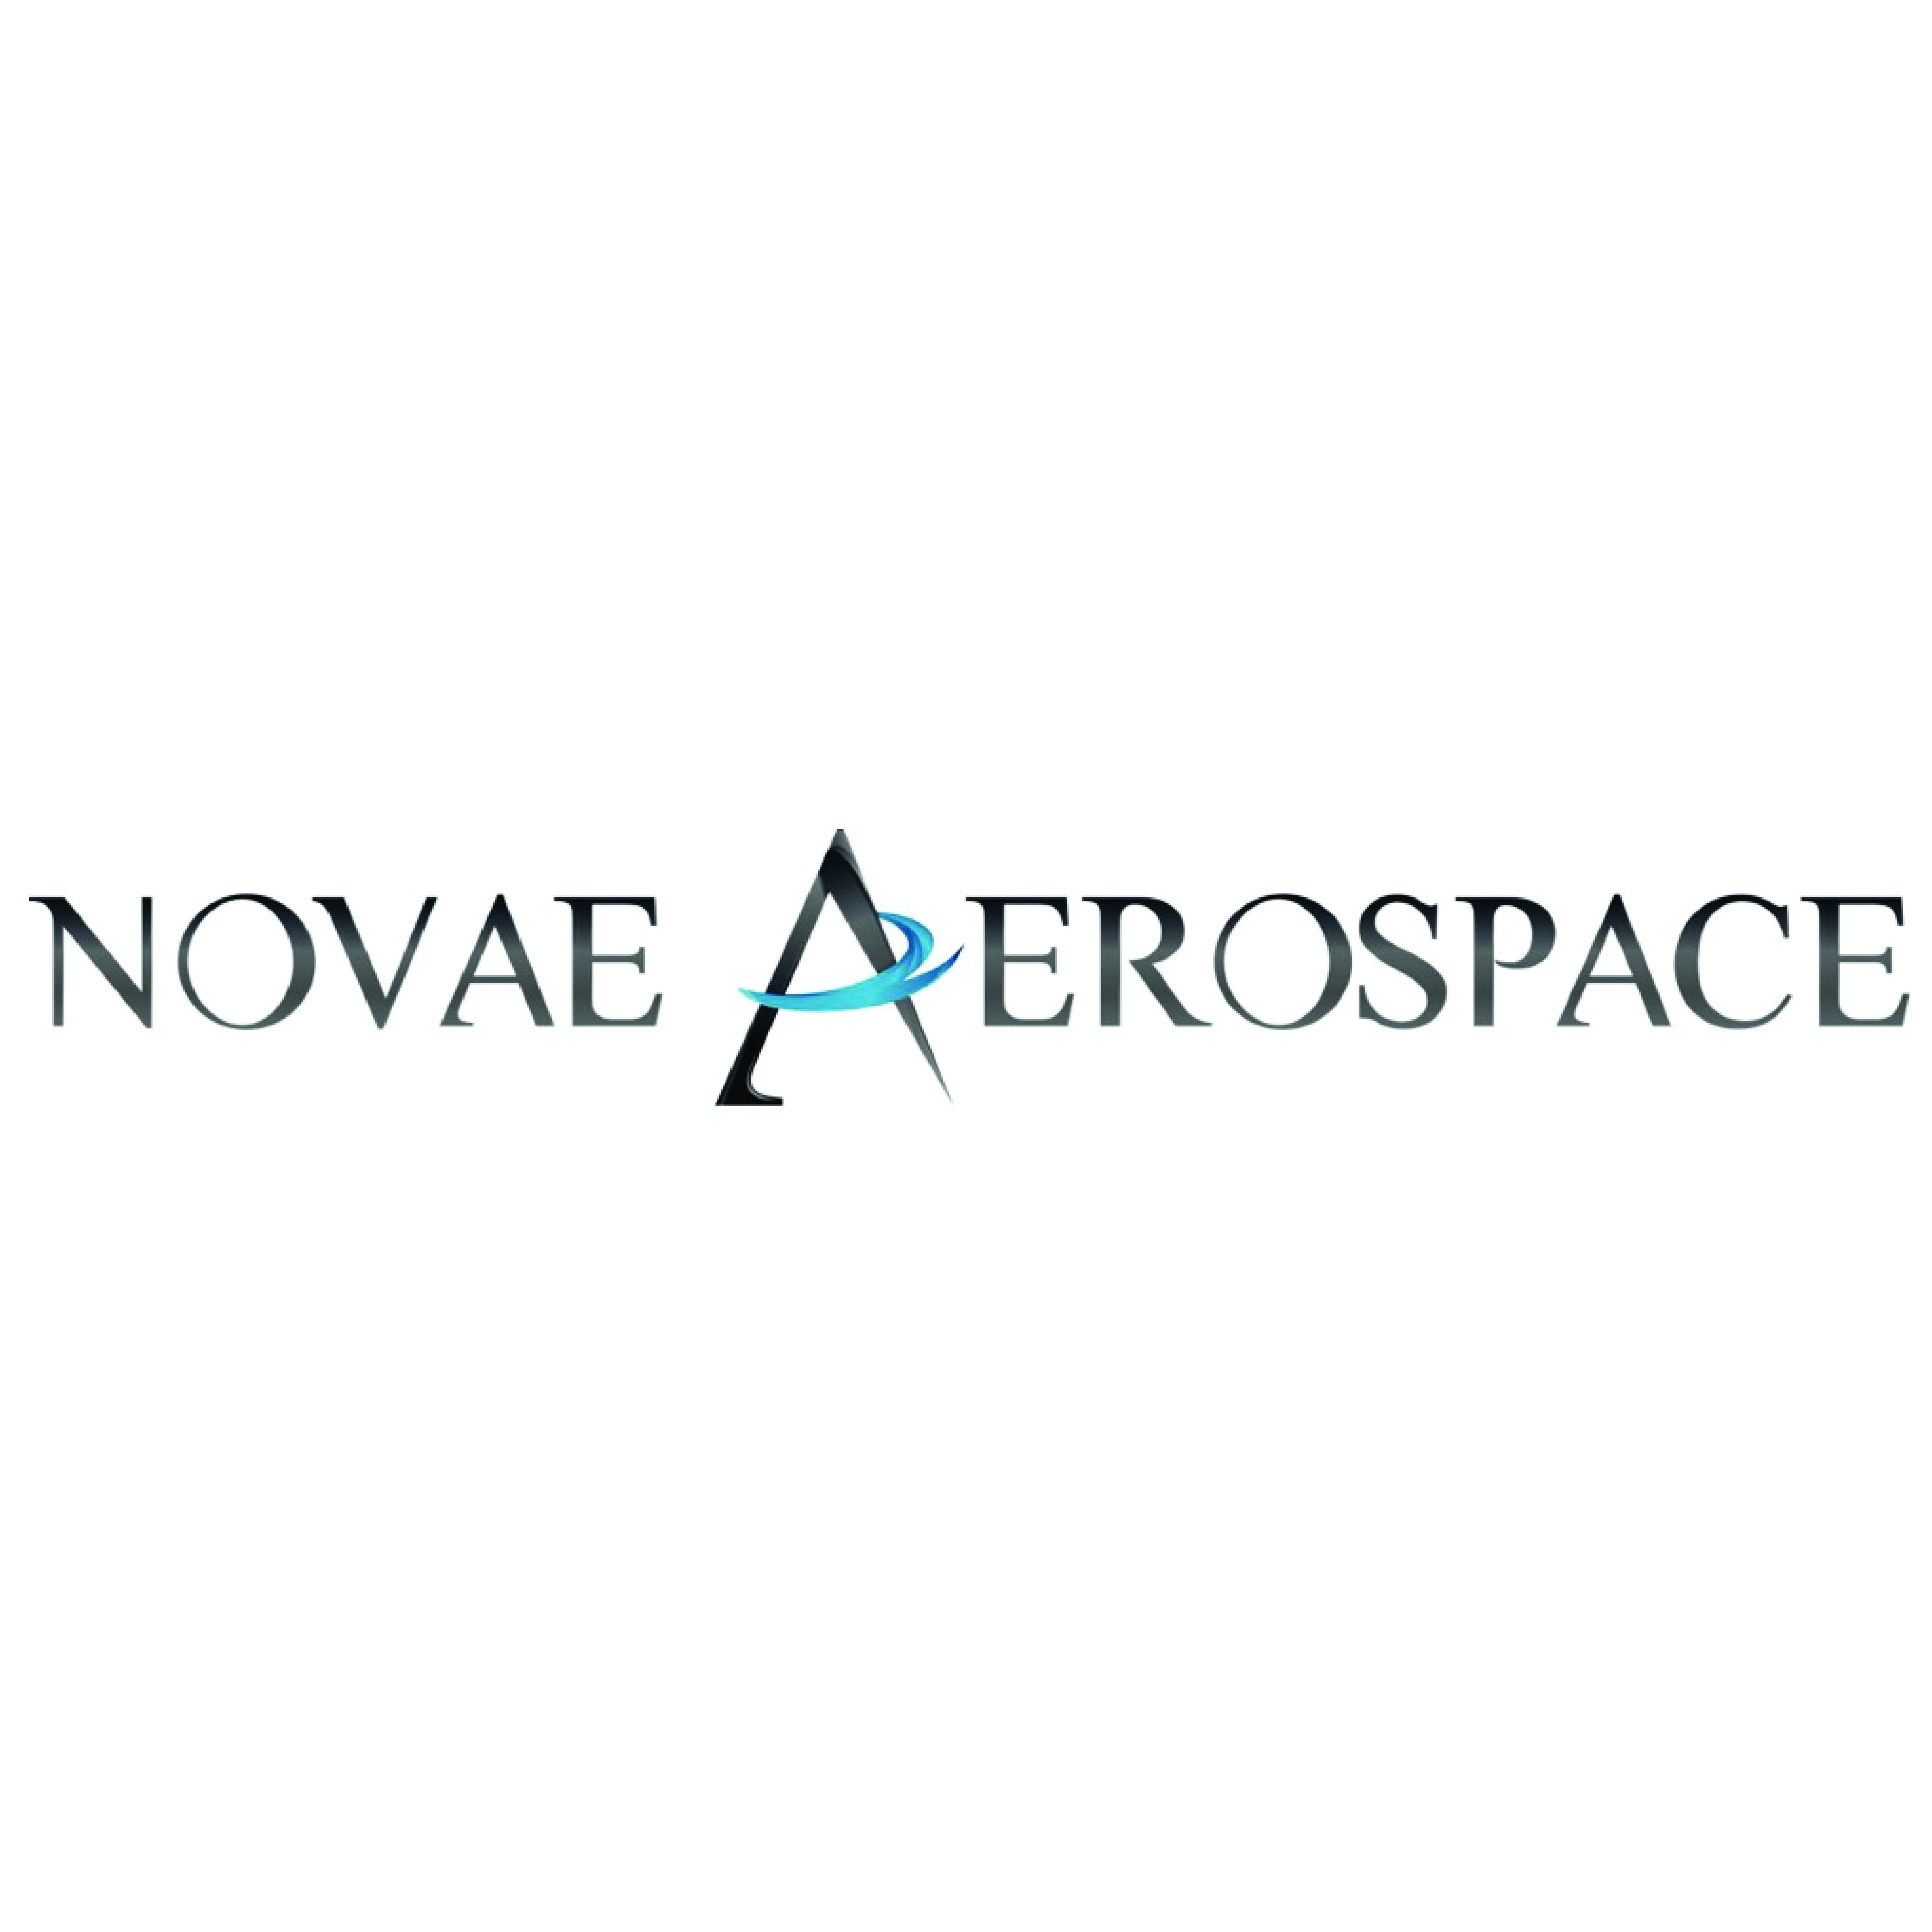 NOVAE AEROSPACE